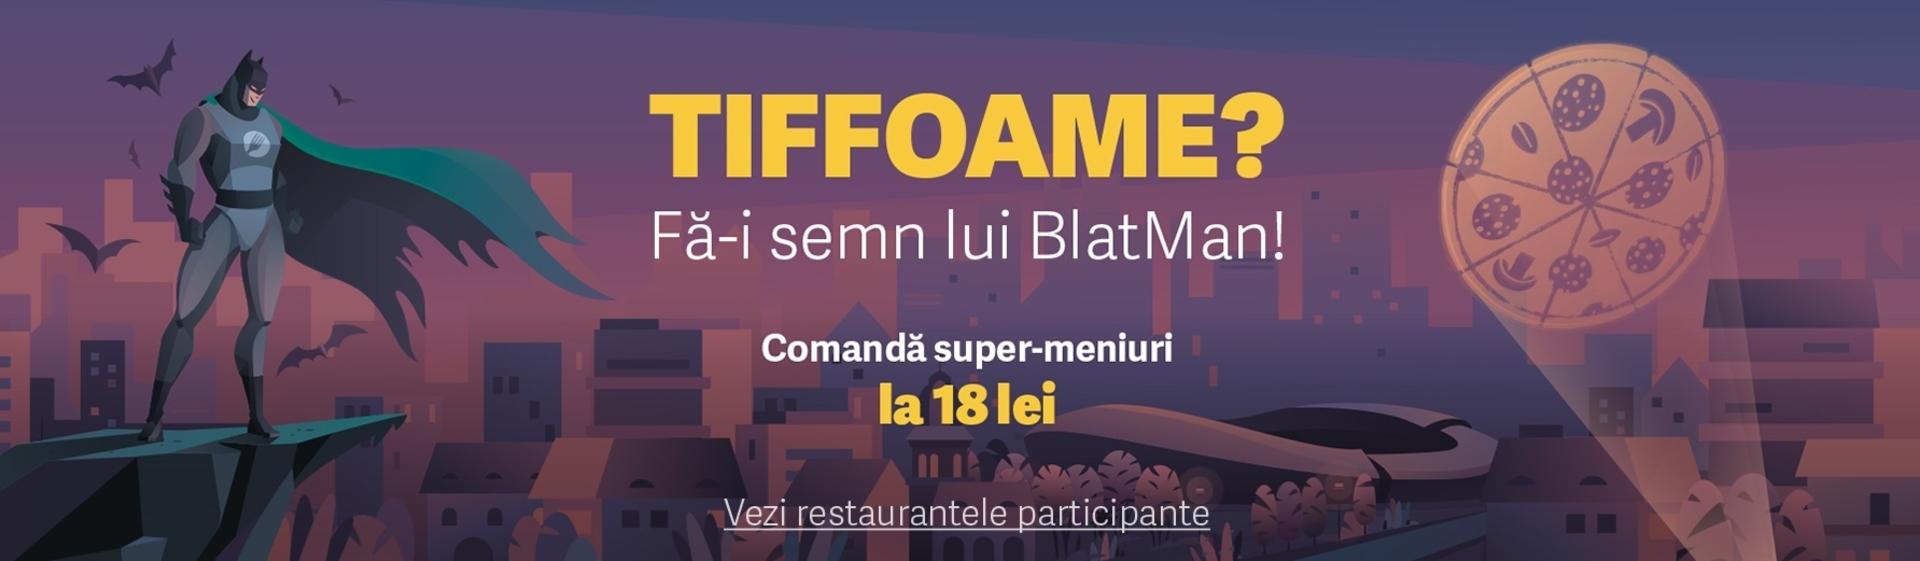 TIFFoame? Fă-i semn lui BlatMan!